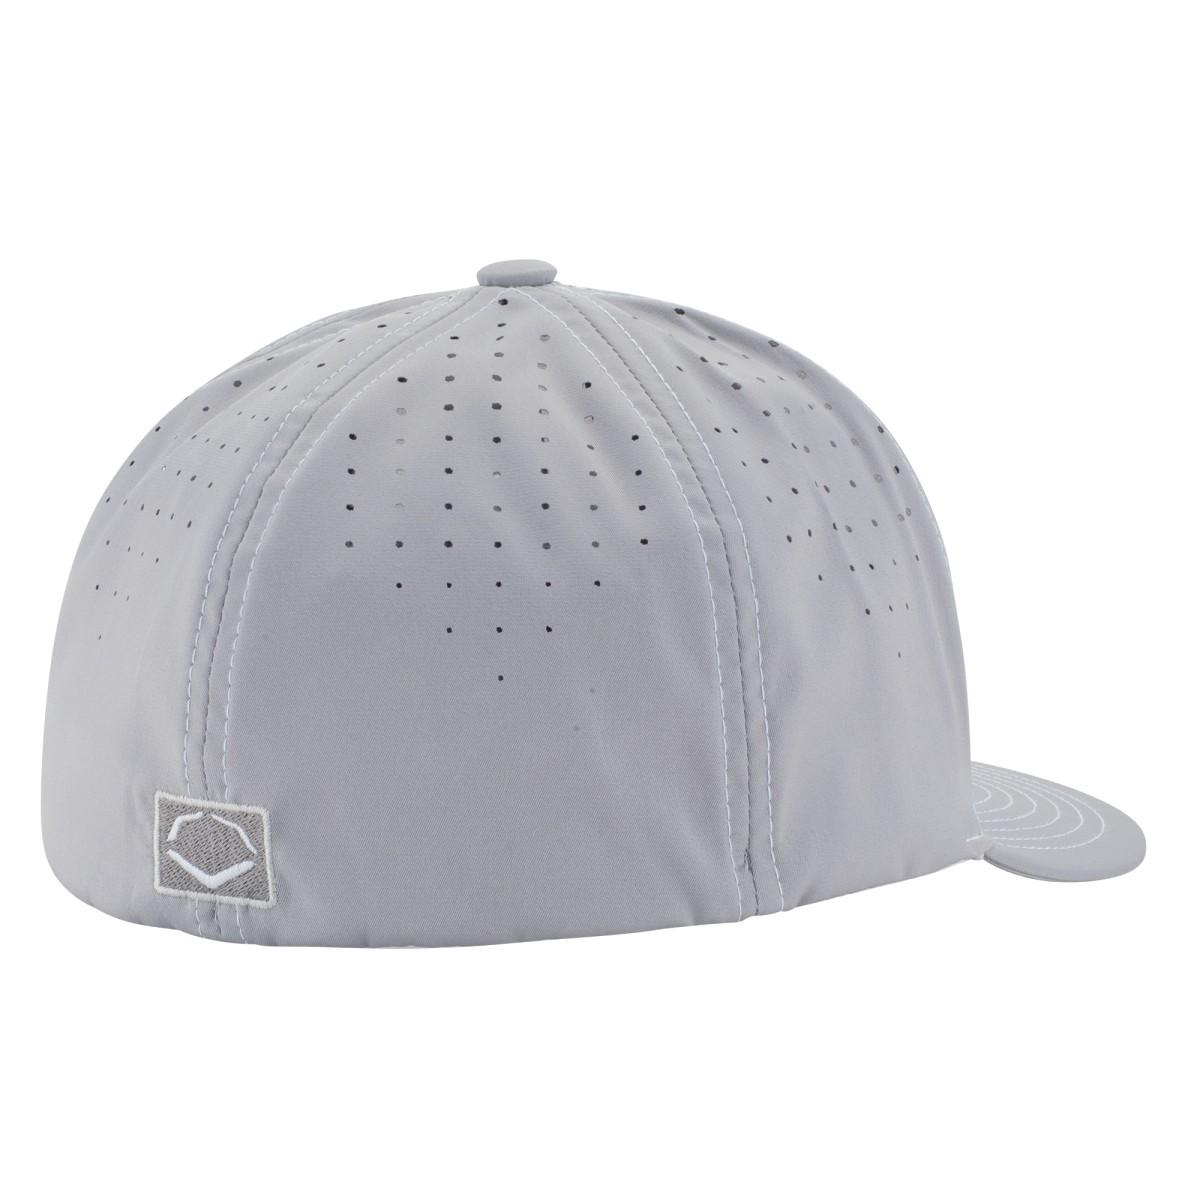 Cắt laser trên mũ nón giá tốt nhất